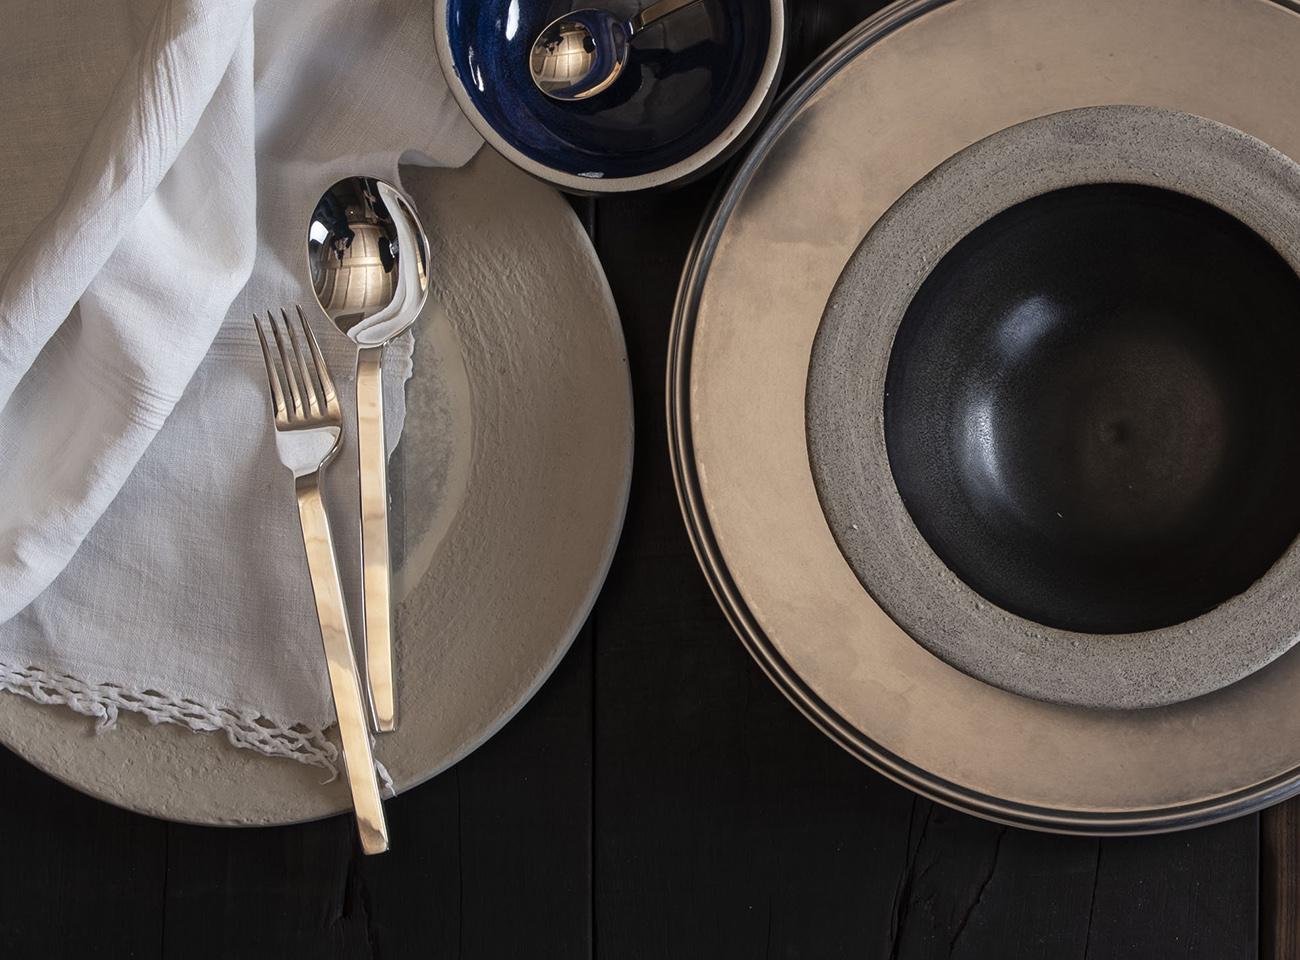 foto di una forchetta